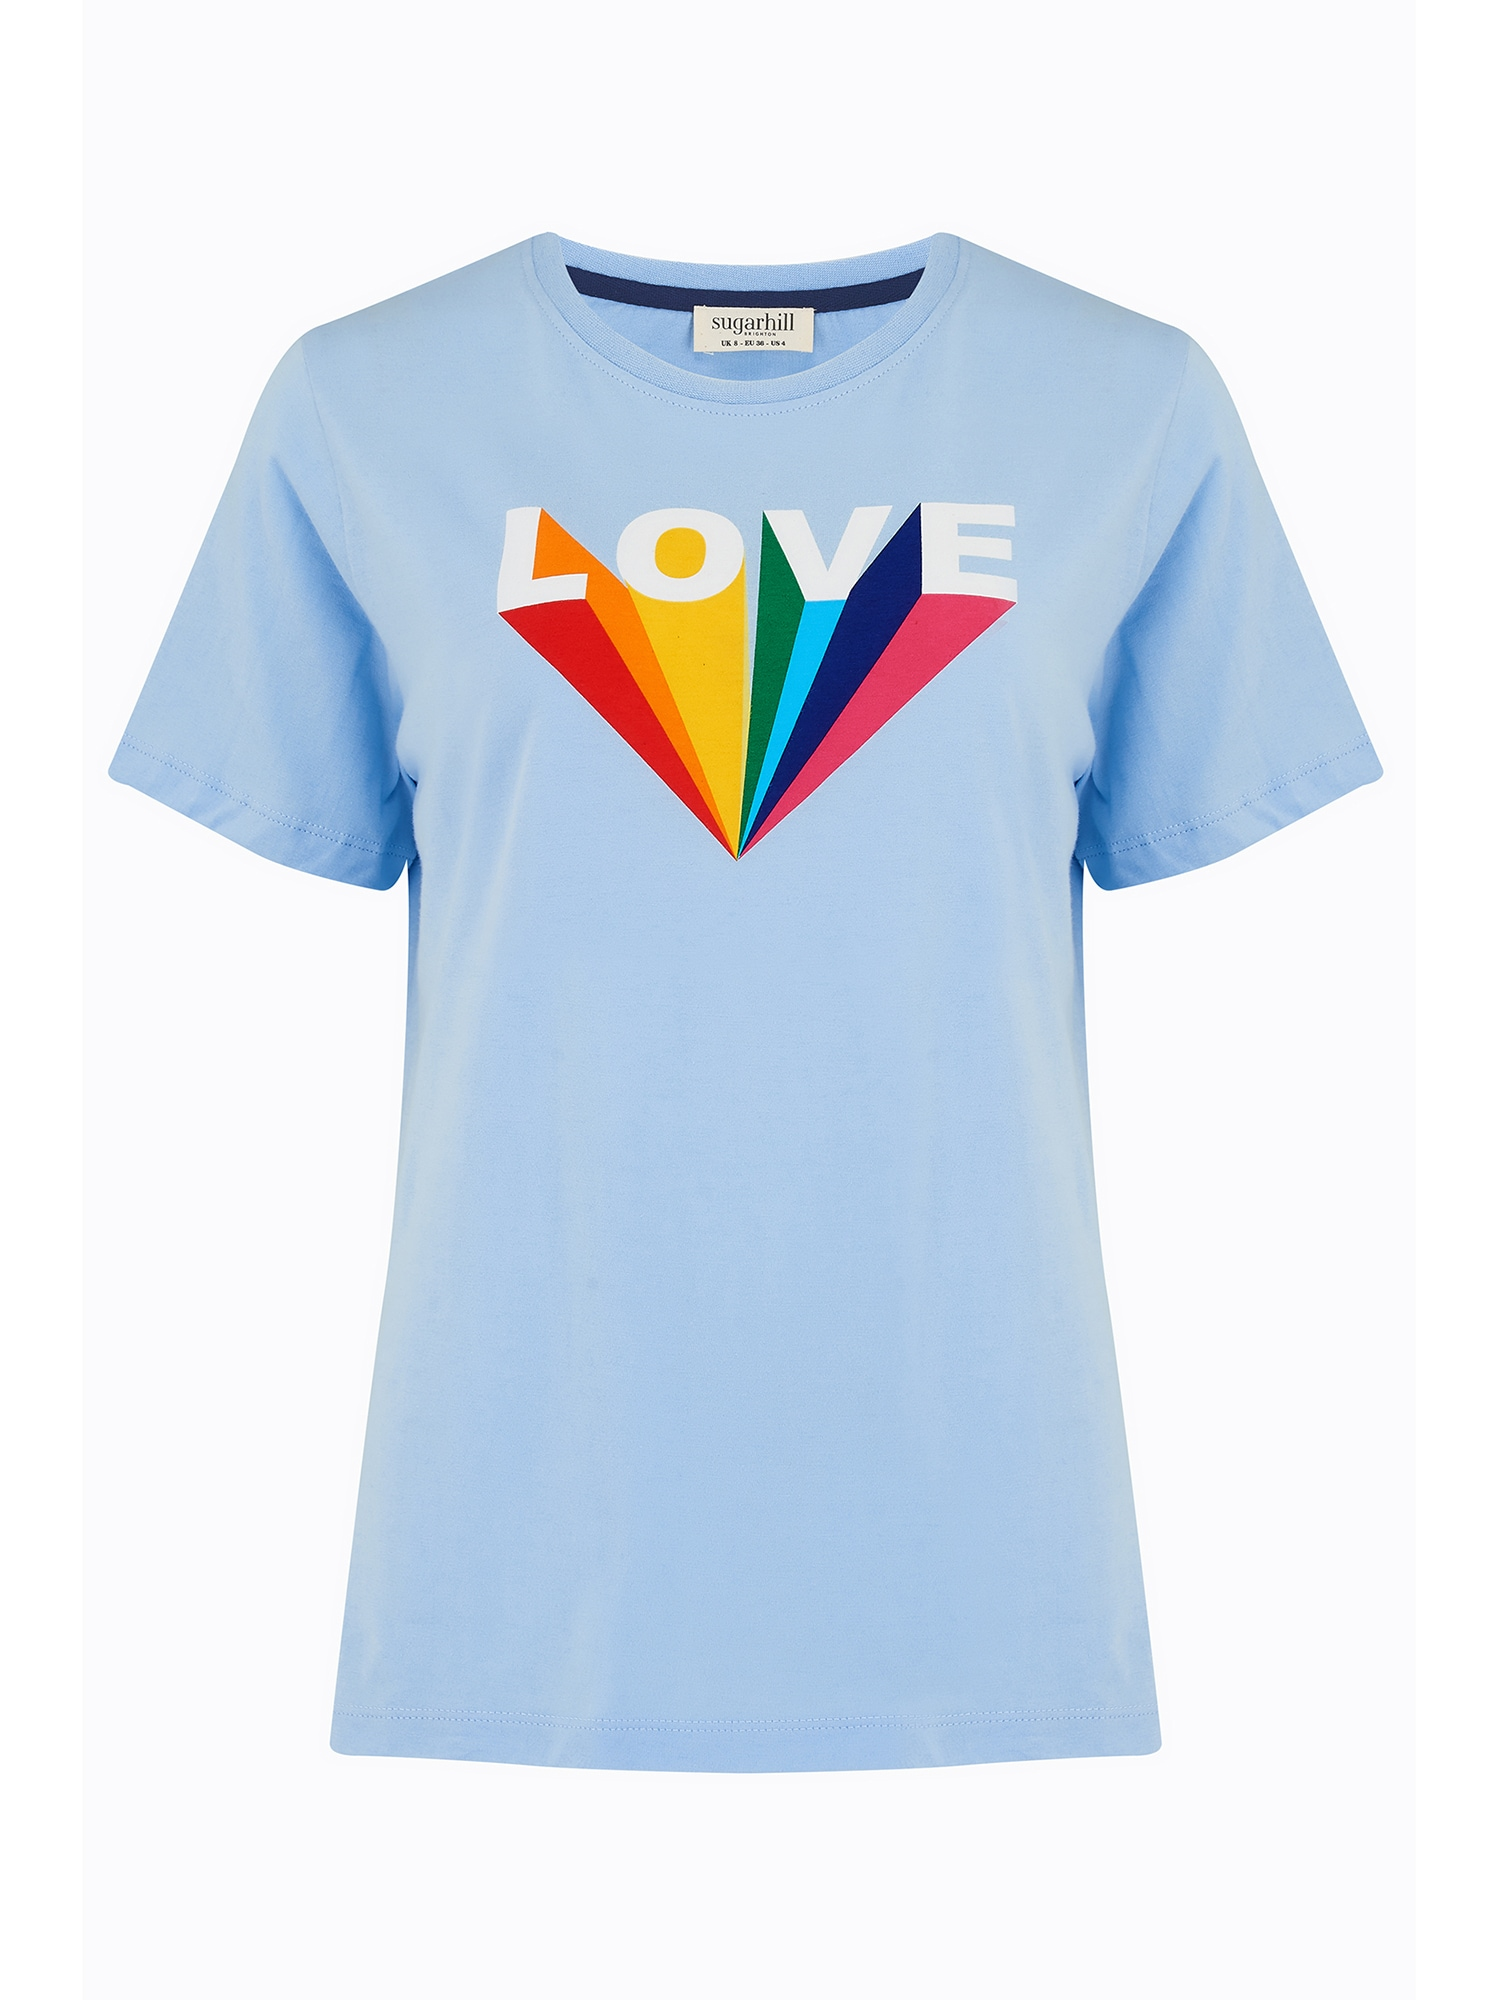 Sugarhill Brighton Marškinėliai mėlyna / balta / raudona / žalia